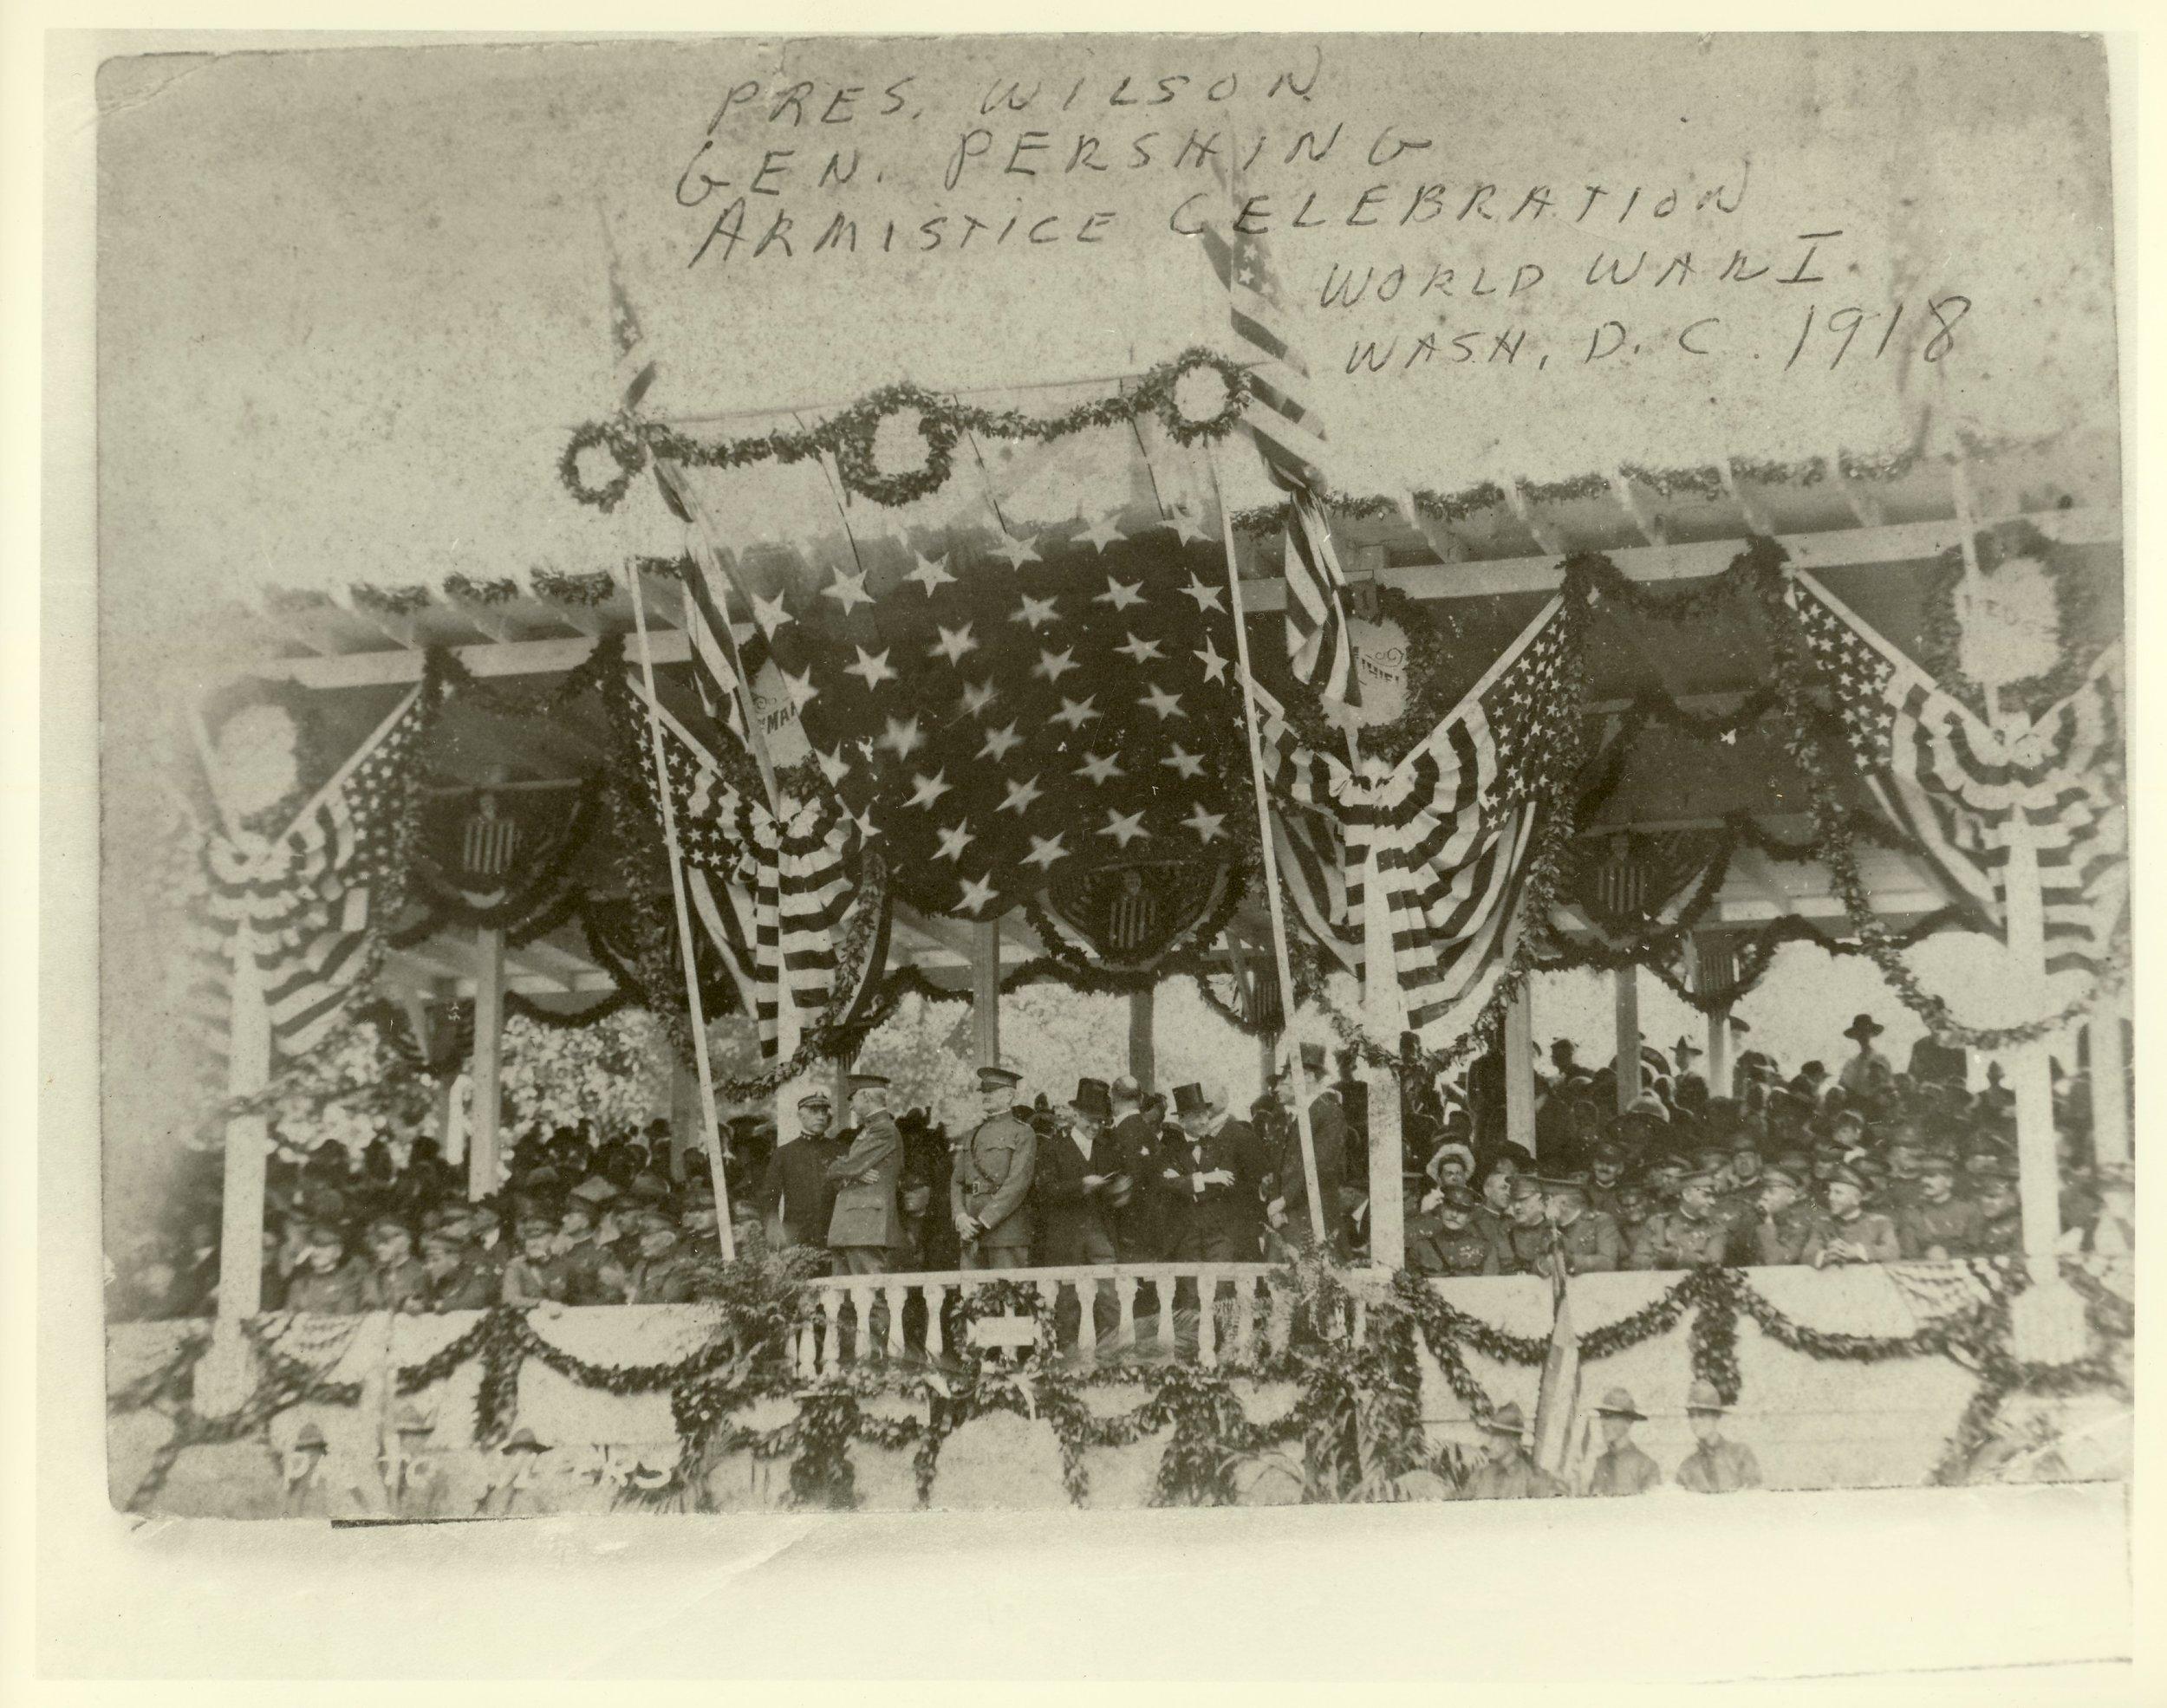 Armistice Celebration